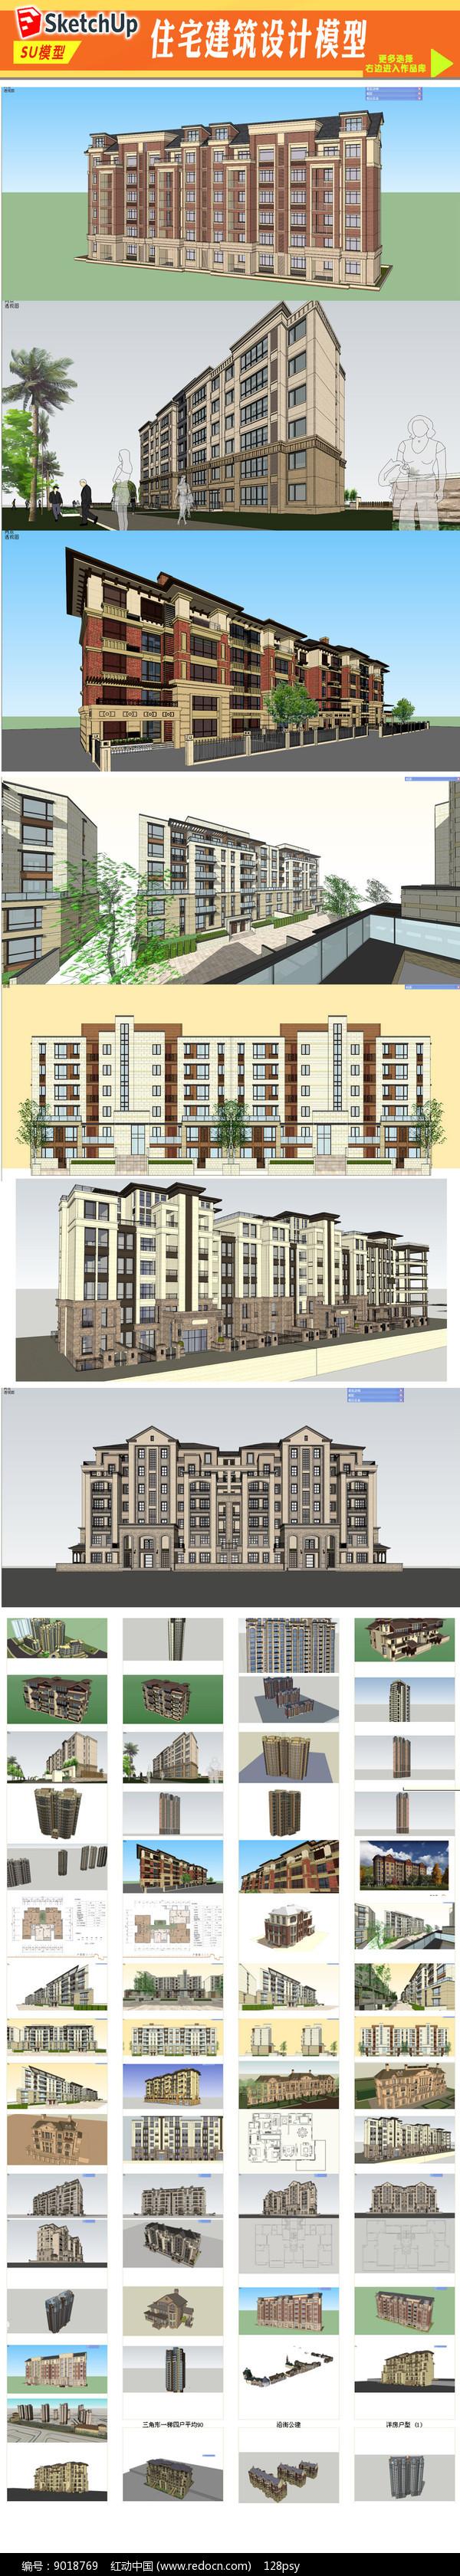 欧式住宅建筑设计模型图片